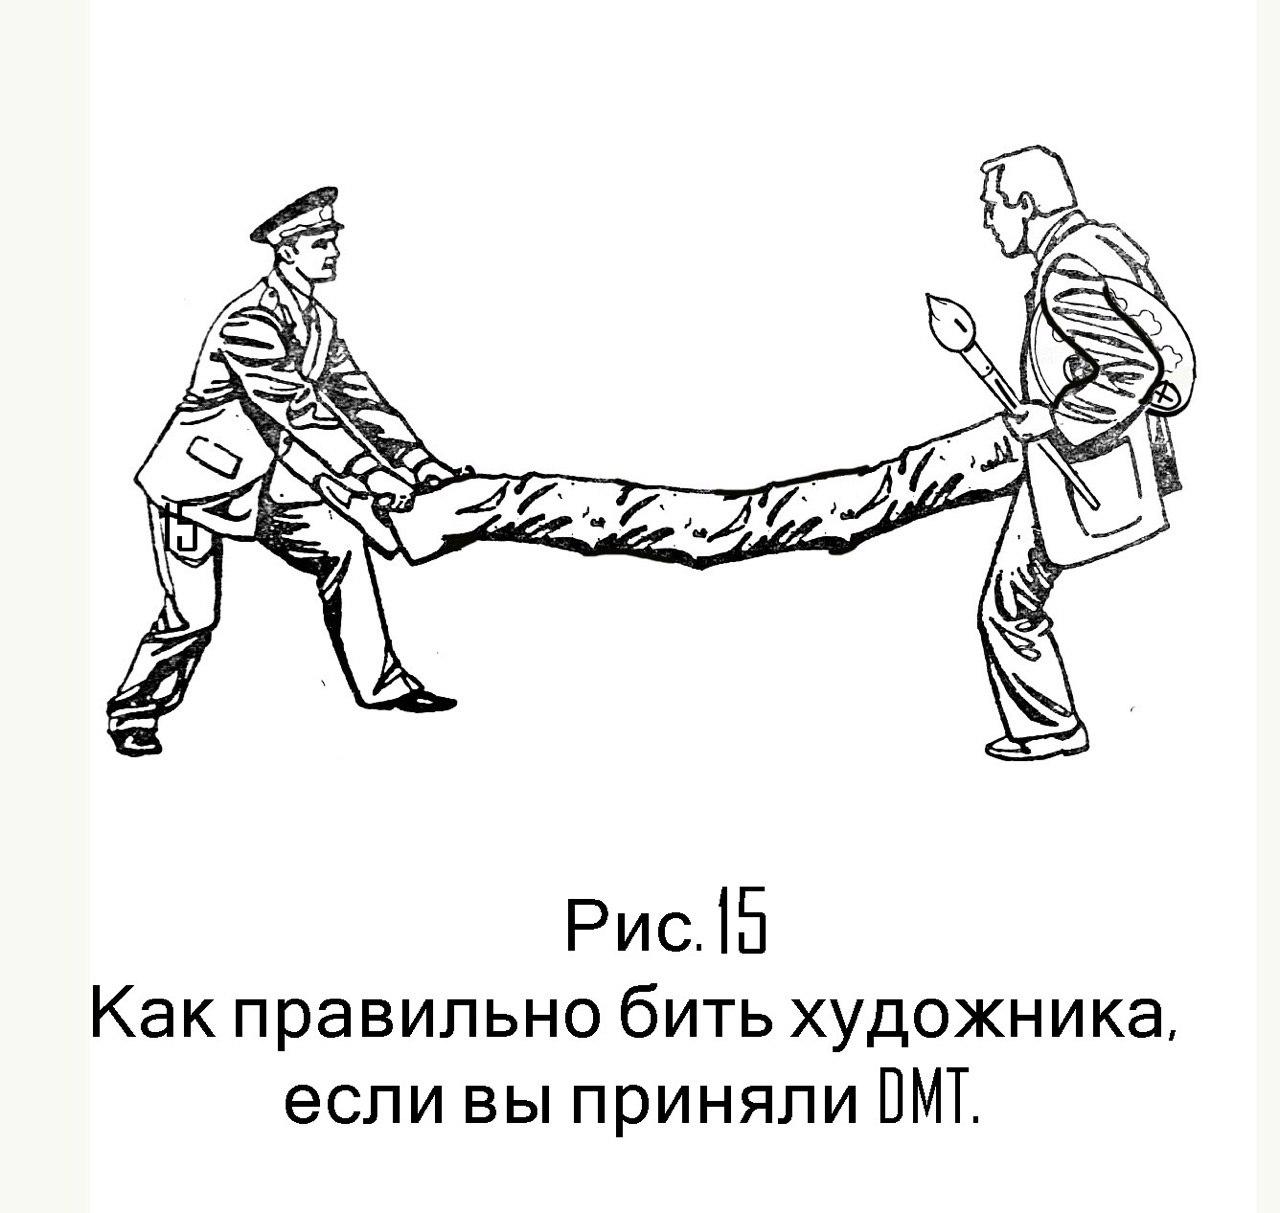 Инструкция «КАК ПРАВИЛЬНО БИТЬ ХУДОЖНИКА» автор Сергей Рожин (часть 4).